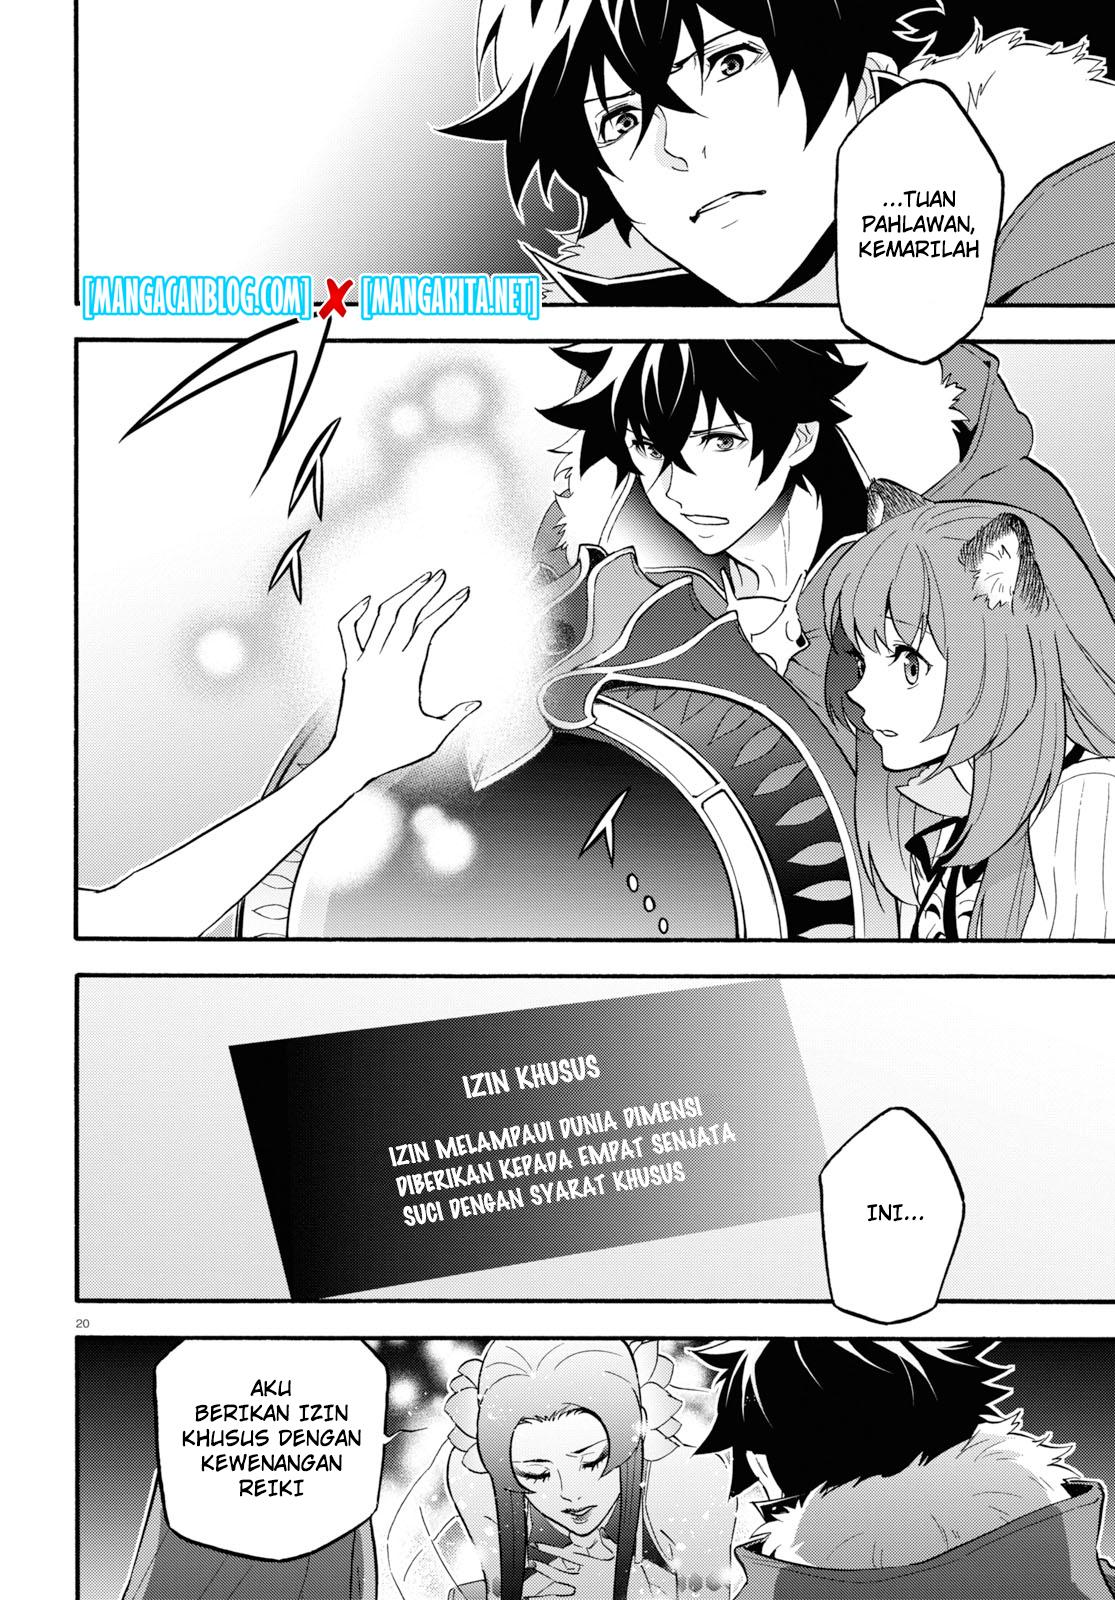 Tate no Yuusha no Nariagari: Chapter 62 - Page 19